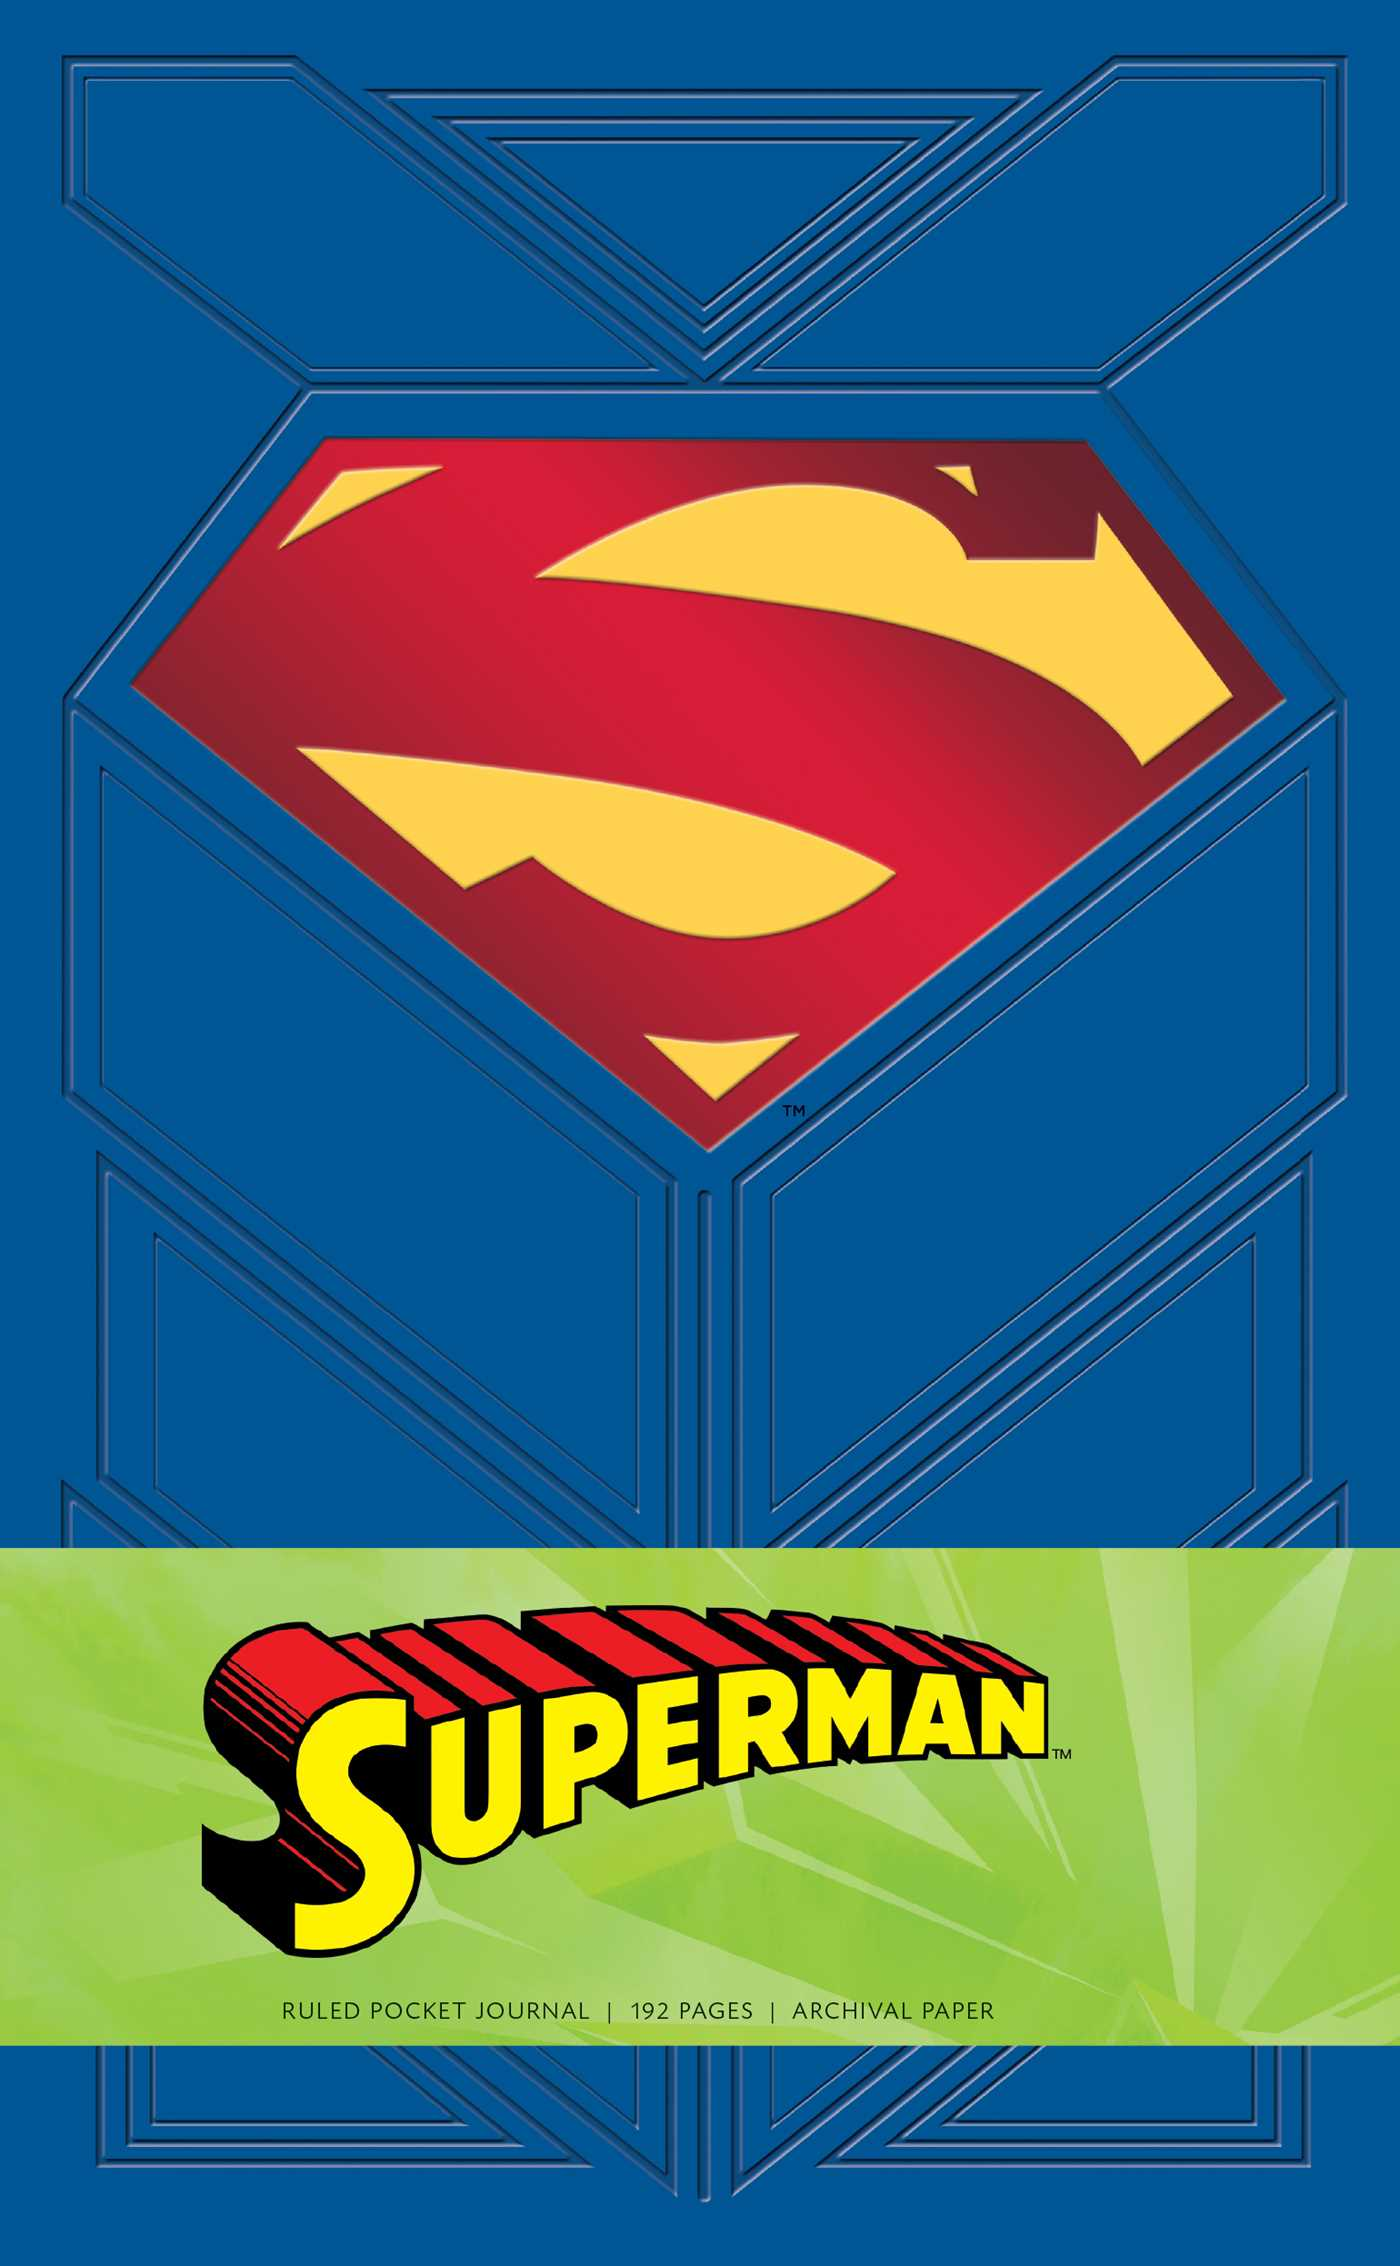 Superman ruled pocket journal 9781683830412 hr